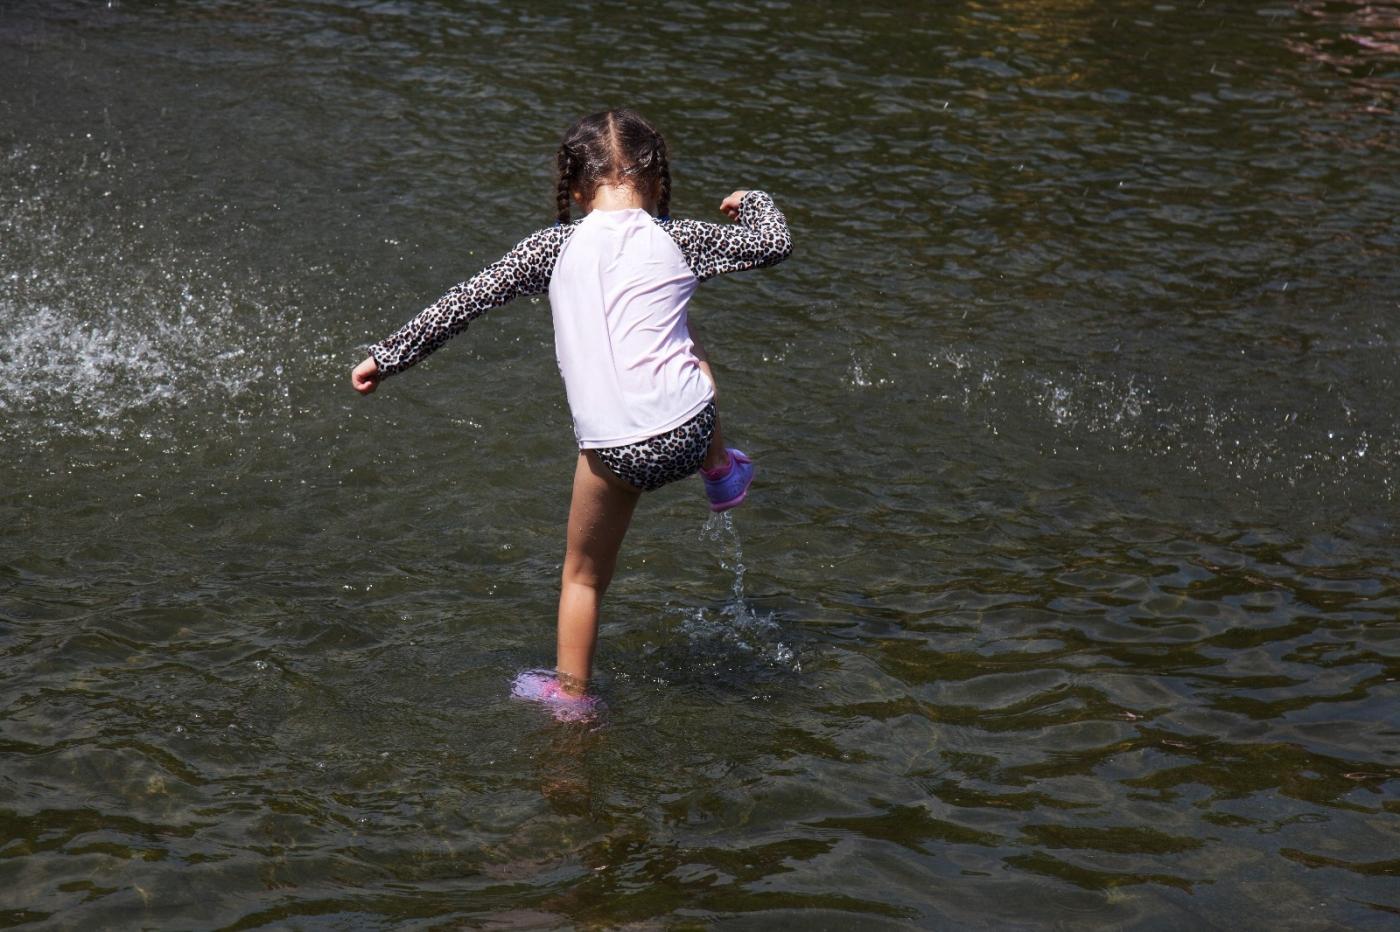 在喷水池中戏水的小孩,天真活泼(摄于纽约华盛顿广场喷水池) ... ... ..._图1-16